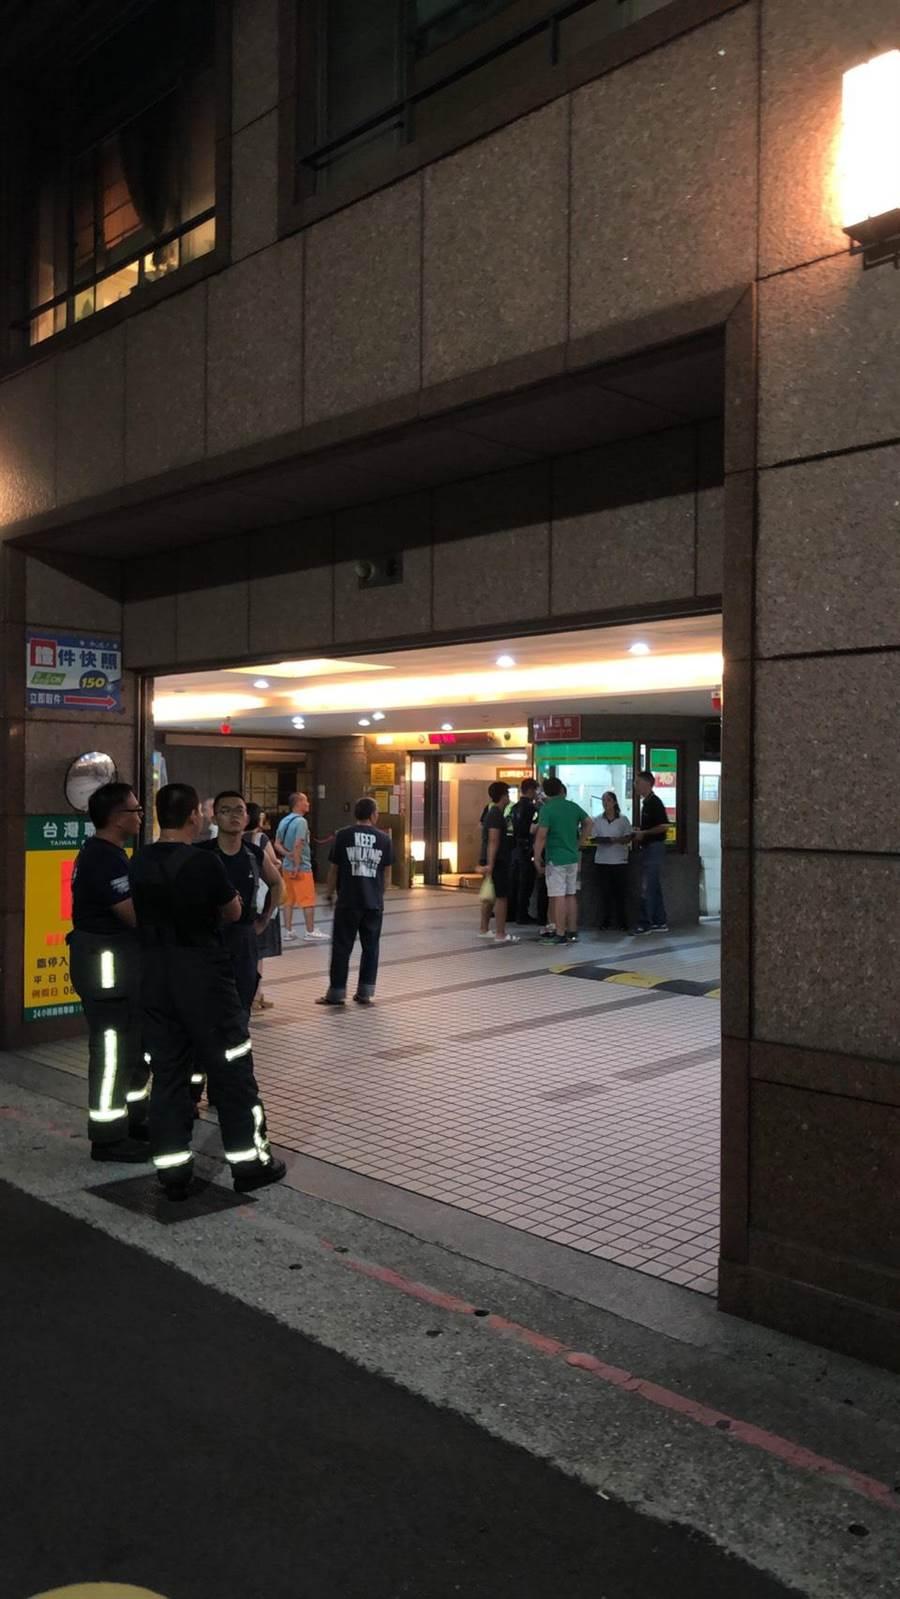 北市停車塔事故,車輛墜落地下3樓,所幸並無傷亡。(民眾提供)